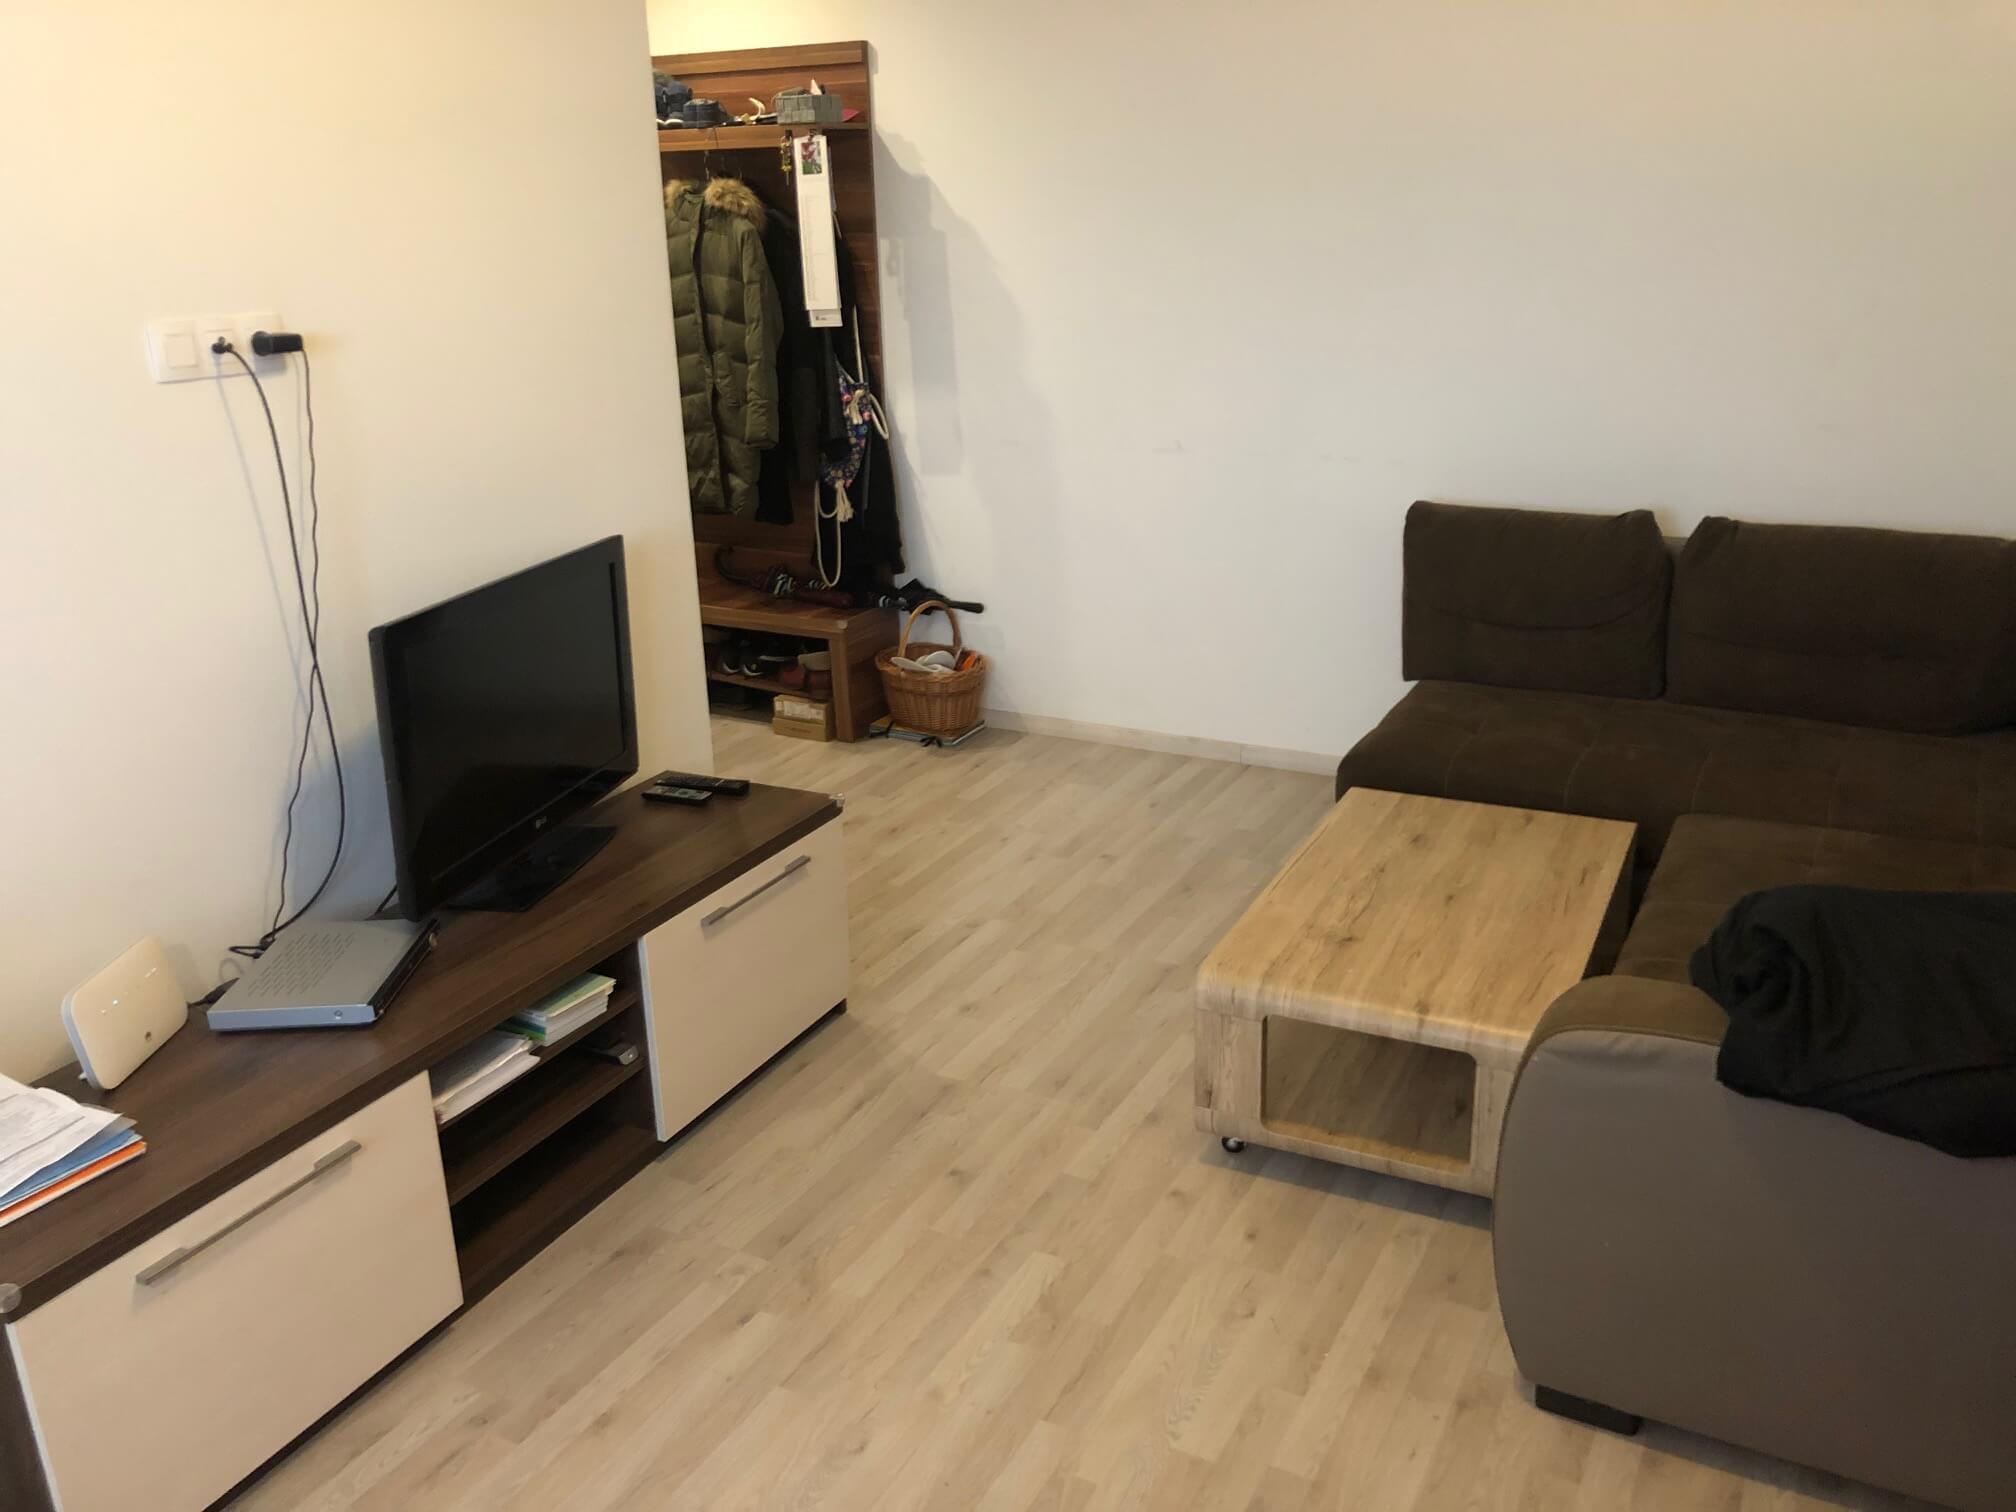 Prenajaté: Prenájom 2 izb. byt, Luxusne zariadeny, v tichej lokalite, Brnianska 4, nad Farbičkou, Malacky,-3